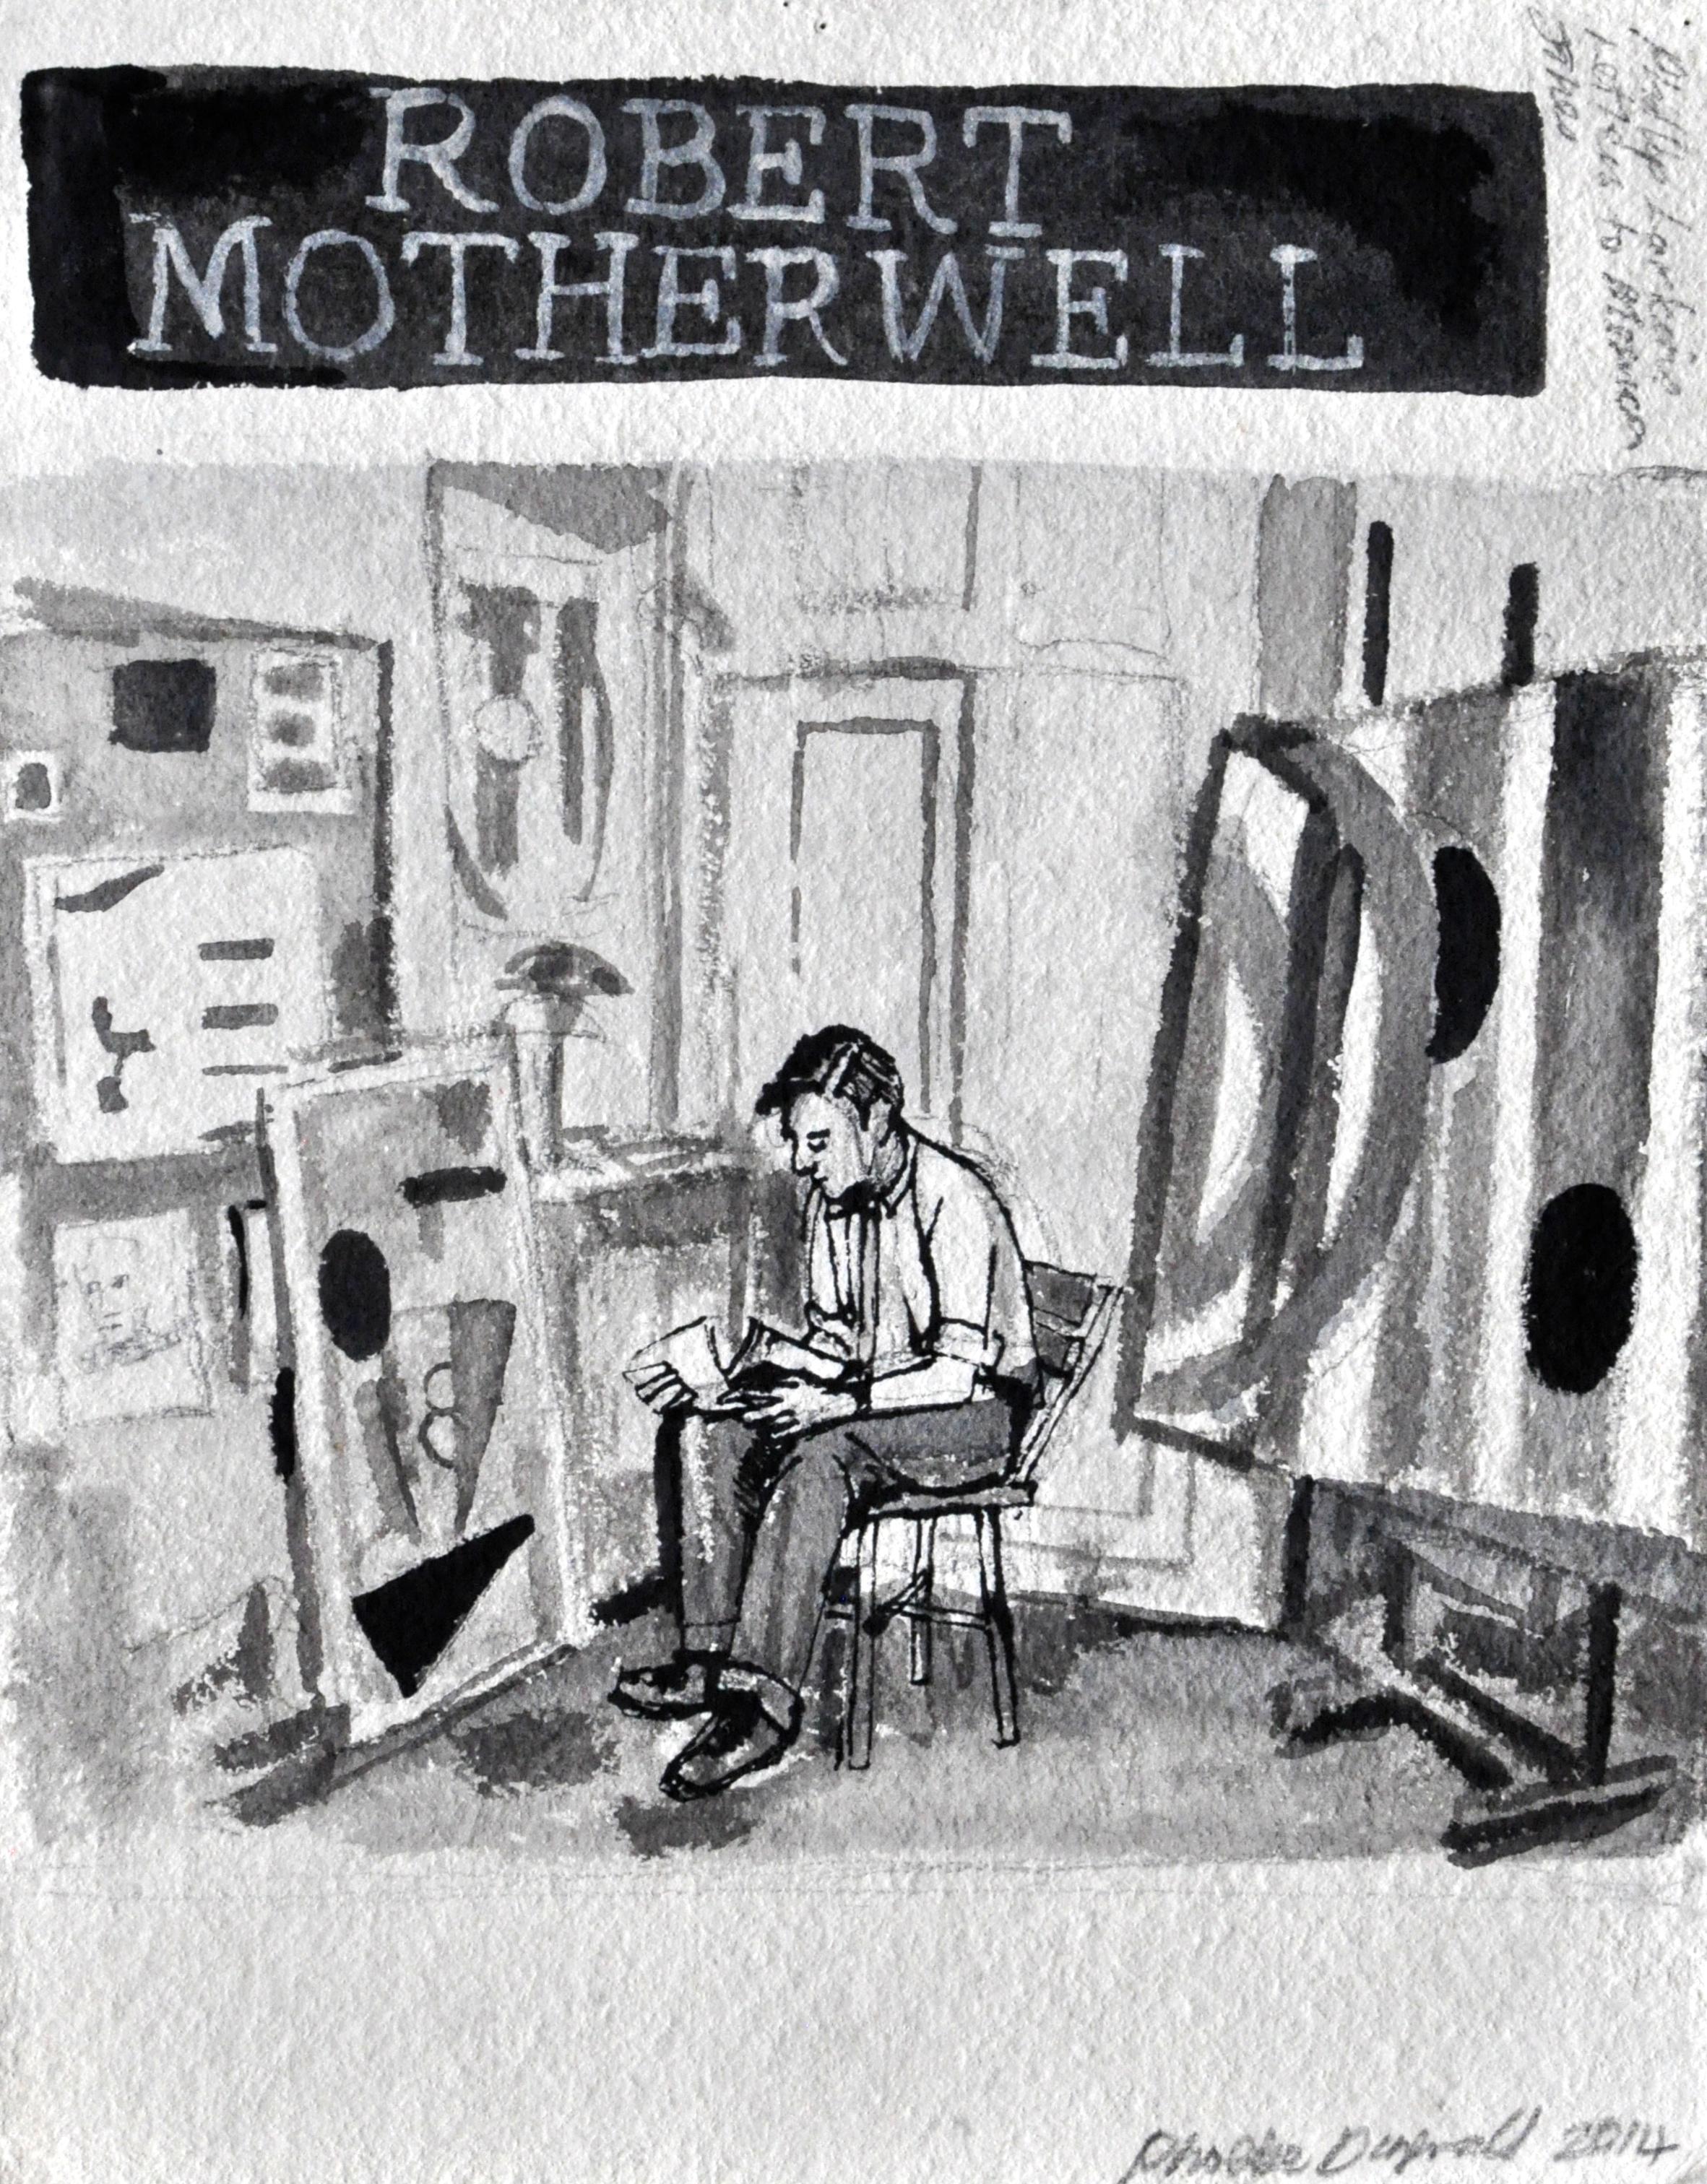 Robert Motherwell  Ink on paper  32 x 24 cm